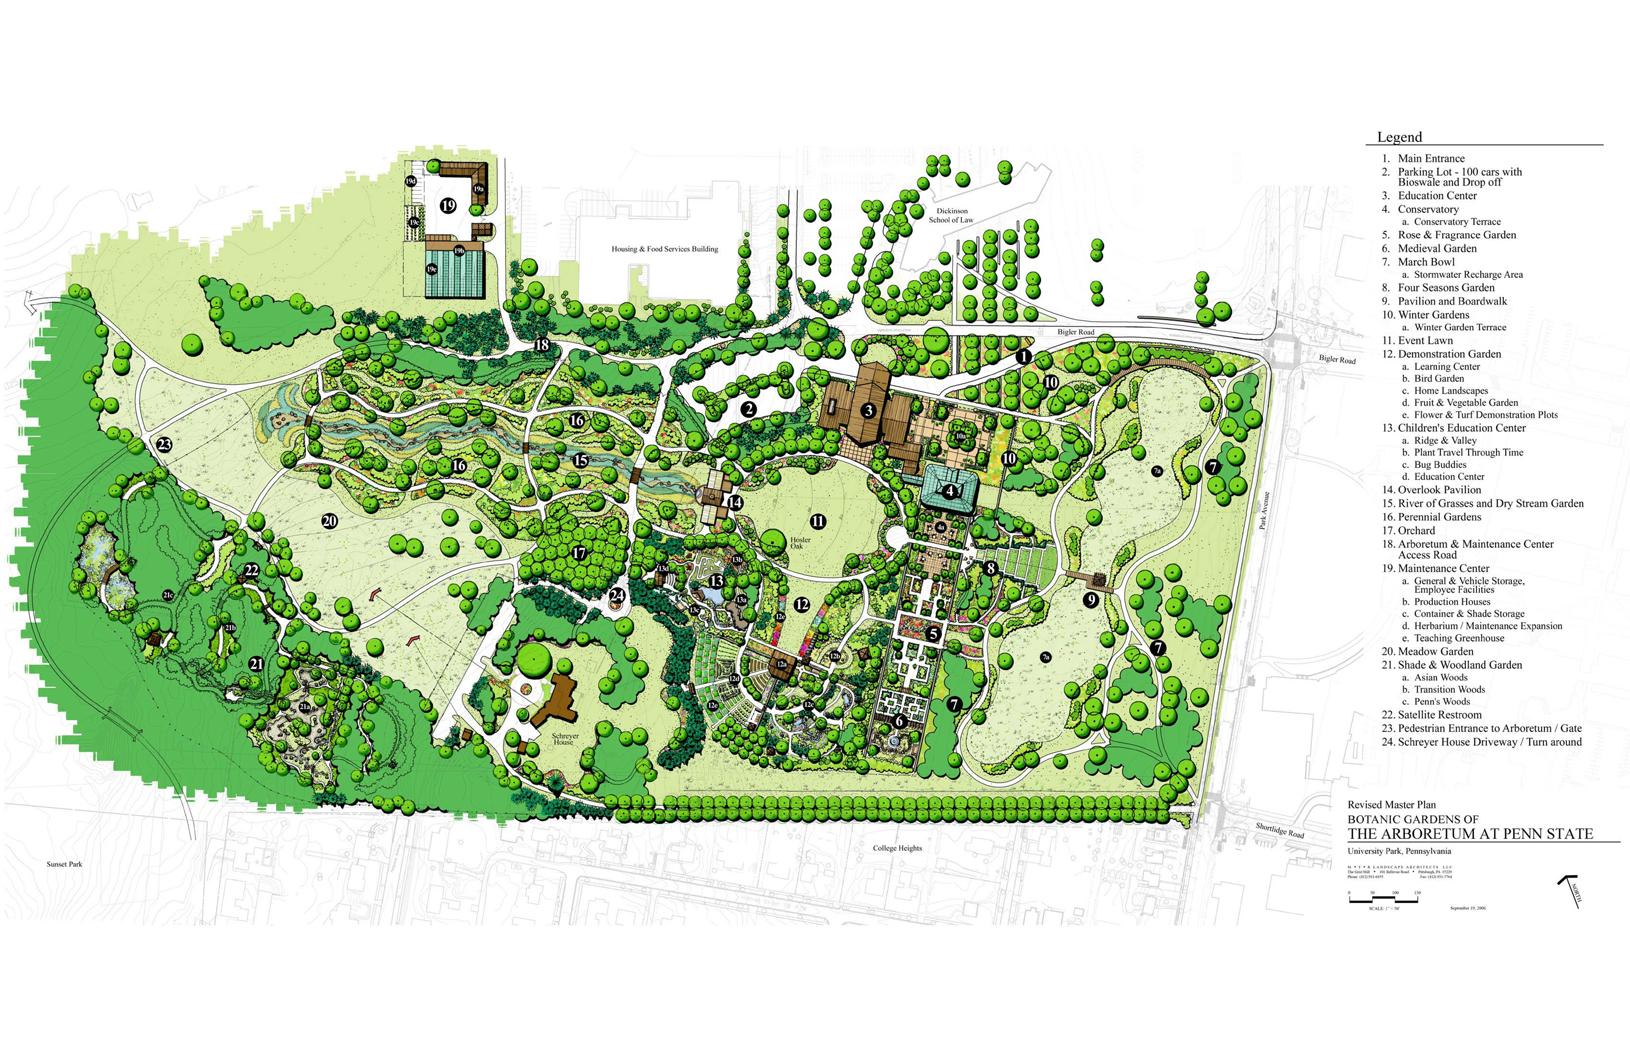 Arboretum master plan